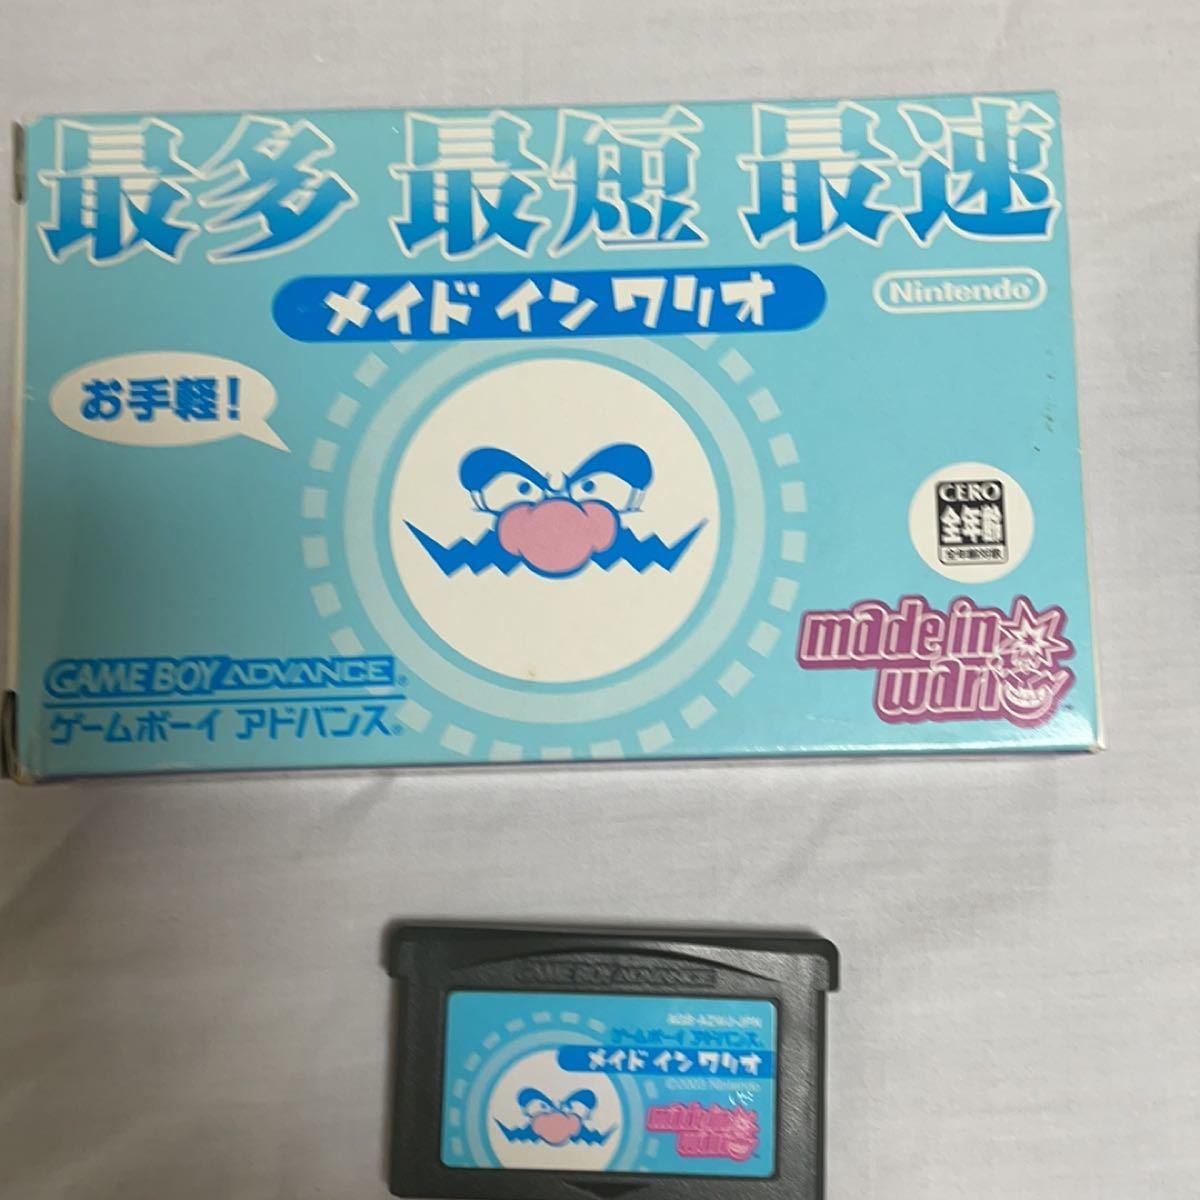 ゲームボーイアドバンスSP 任天堂 アズライトブルーとソフト3本セット